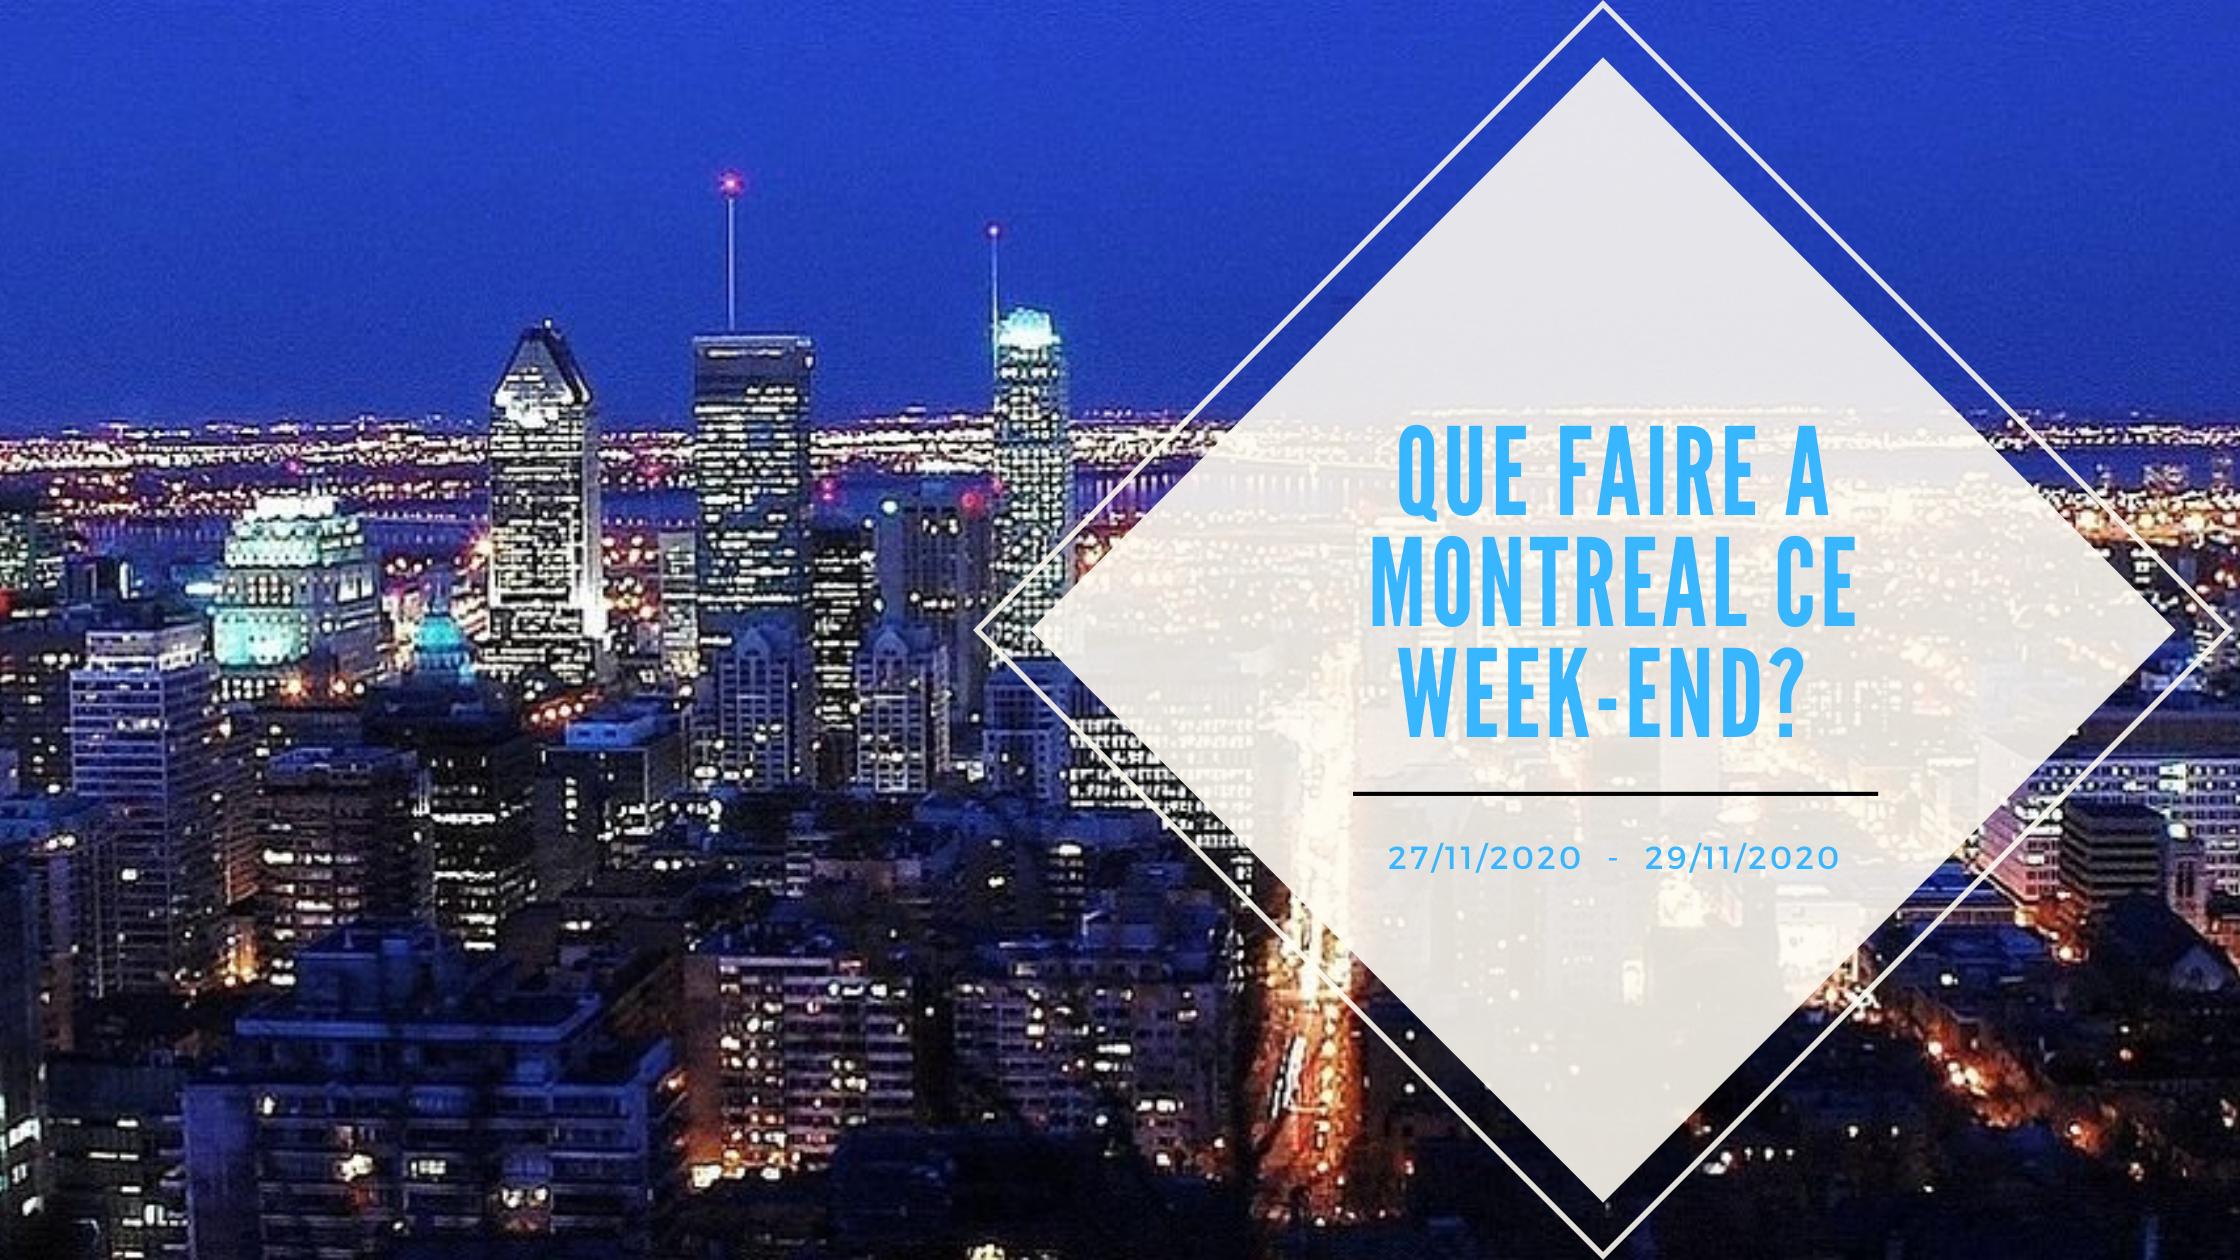 Que faire ce week-end à Montréal en ces 27, 28 et 29 novembre ?